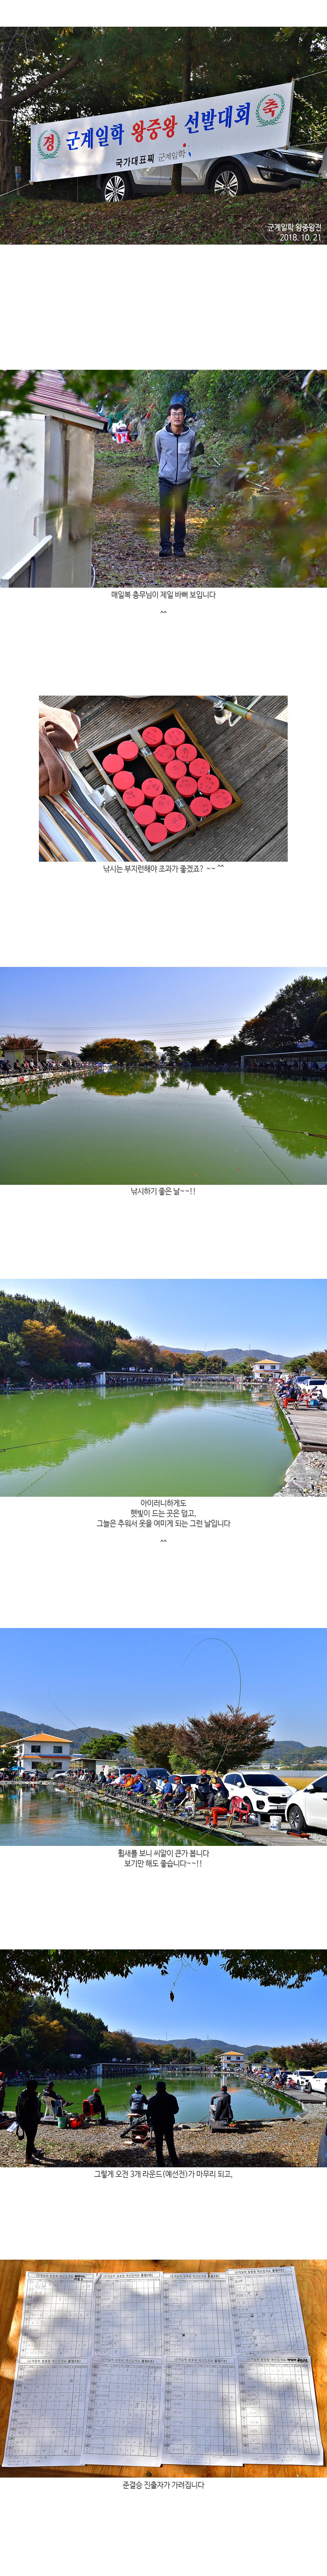 2018 군계일학 왕중왕전 - 05.jpg